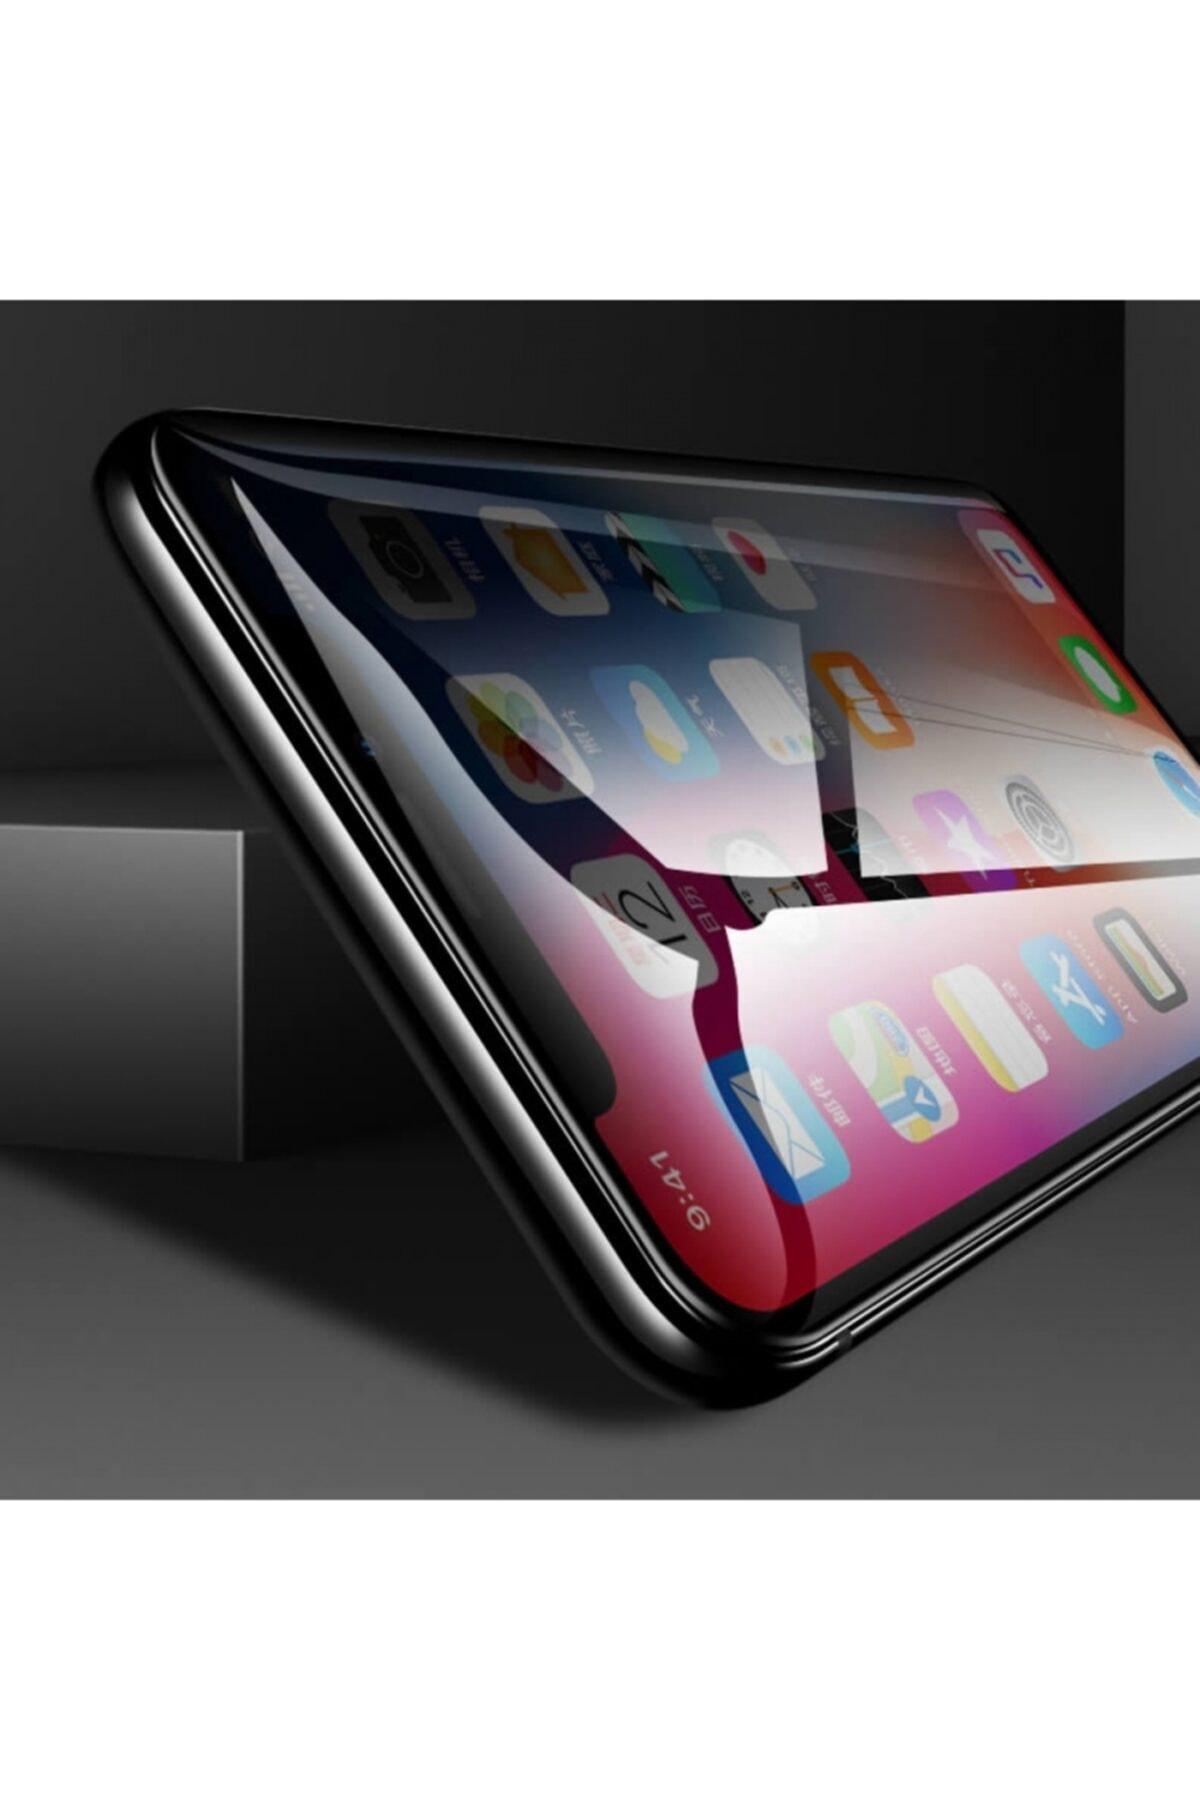 Kilifplus Apple Iphone 11 Pro Max Kırılmaz Cam Karartmalı Hayalet Toz Önleyicili Privacy Ekran Koruyucu 2